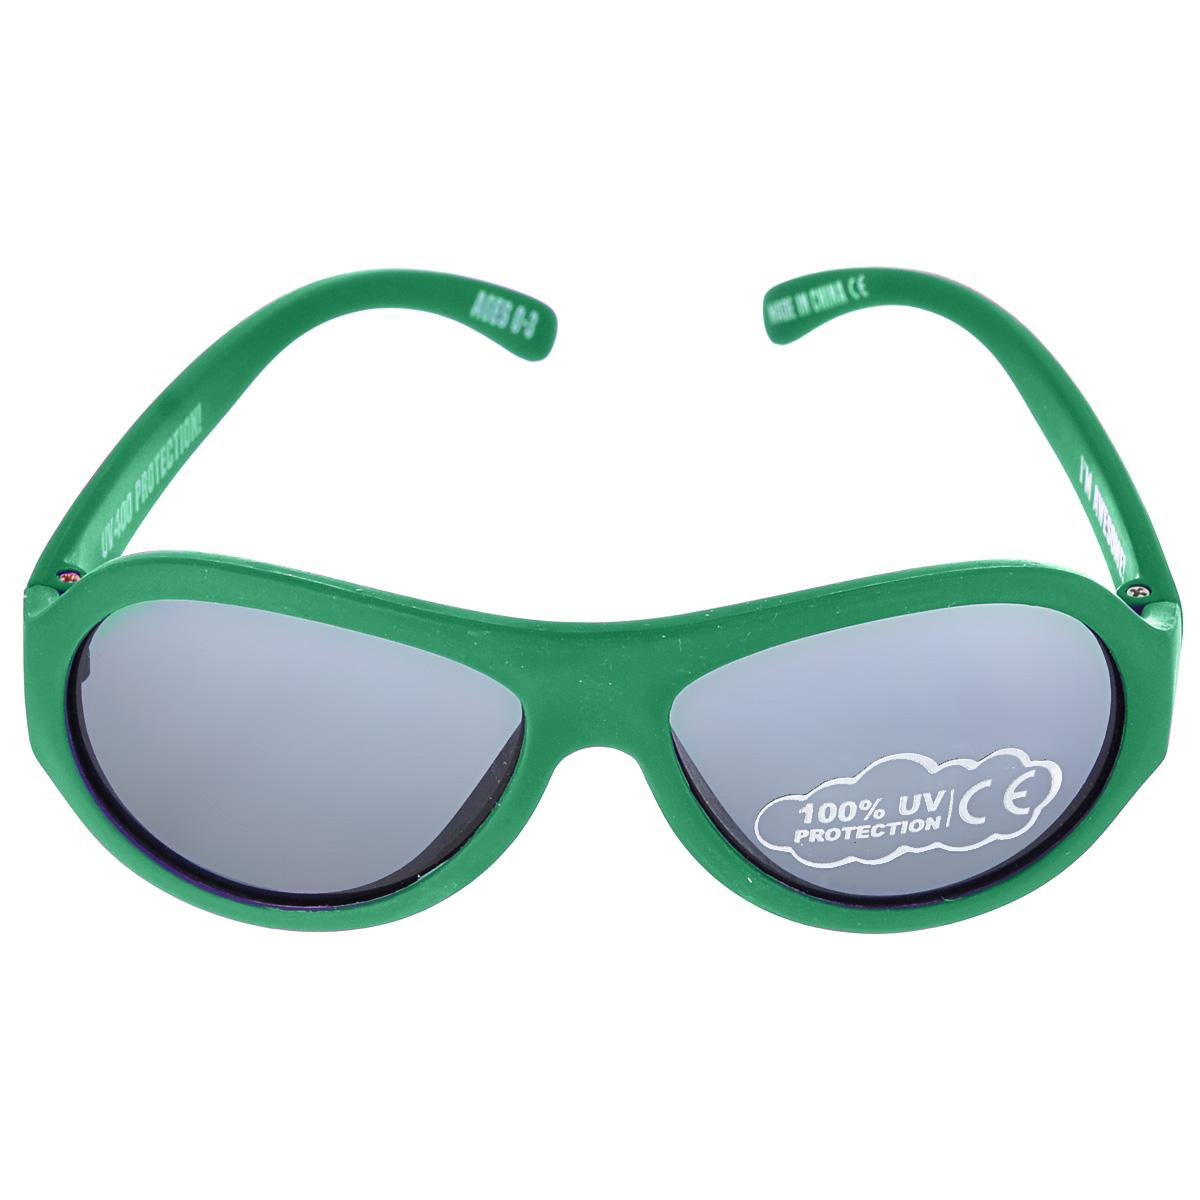 Детские солнцезащитные очки Babiators Время летит (Go Time), цвет: зеленый, 0-3 годаBM8434-58AEВы делаете все возможное, чтобы ваши дети были здоровы и в безопасности. Шлемы для езды на велосипеде, солнцезащитный крем для прогулок на солнце... Но как насчет влияния солнца на глаза вашего ребенка? Правда в том, что сетчатка глаза у детей развивается вместе с самим ребенком. Это означает, что глаза малышей не могут отфильтровать УФ-излучение. Проблема понятна - детям нужна настоящая защита, чтобы глазки были в безопасности, а зрение сильным.Каждая пара солнцезащитных очков Babiators для детей обеспечивает 100% защиту от UVA и UVB. Прочные линзы высшего качества из поликарбоната не подведут в самых сложных переделках. В отличие от обычных пластиковых очков, оправа Babiators выполнена из гибкого прорезиненного материала (термопластичного эластомера), что делает их ударопрочными, их можно сгибать и крутить - они не сломаются и вернутся в прежнюю форму. Не бойтесь, что ребенок сядет на них - они все выдержат. Будьте уверены, что очки Babiators созданы безопасными, прочными и классными, так что вы и ваш ребенок можете приступать к своим приключениям!